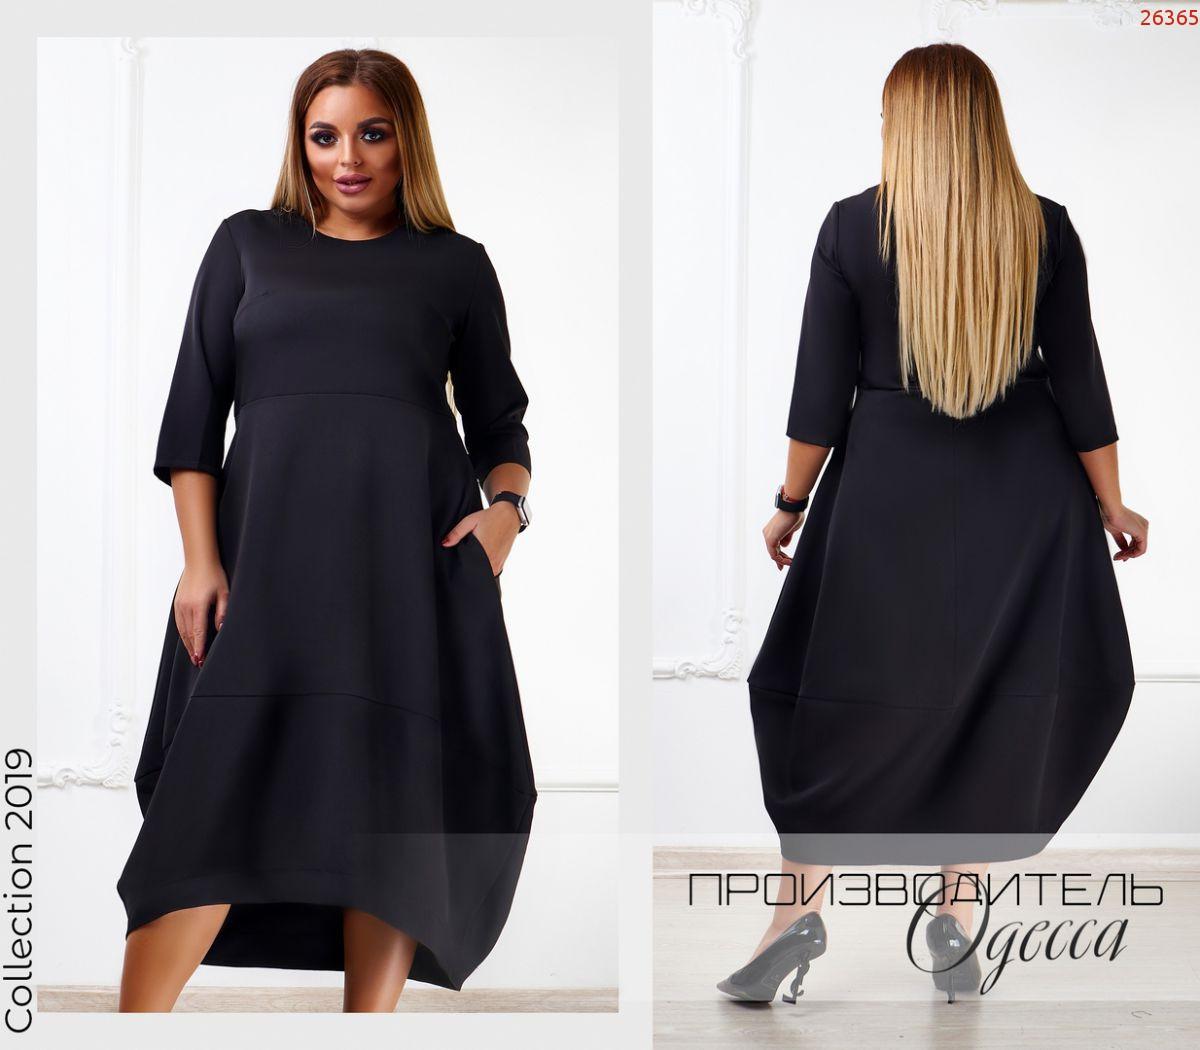 Сукня жіноча з кишенями низ асиметрія Виробник Одеса